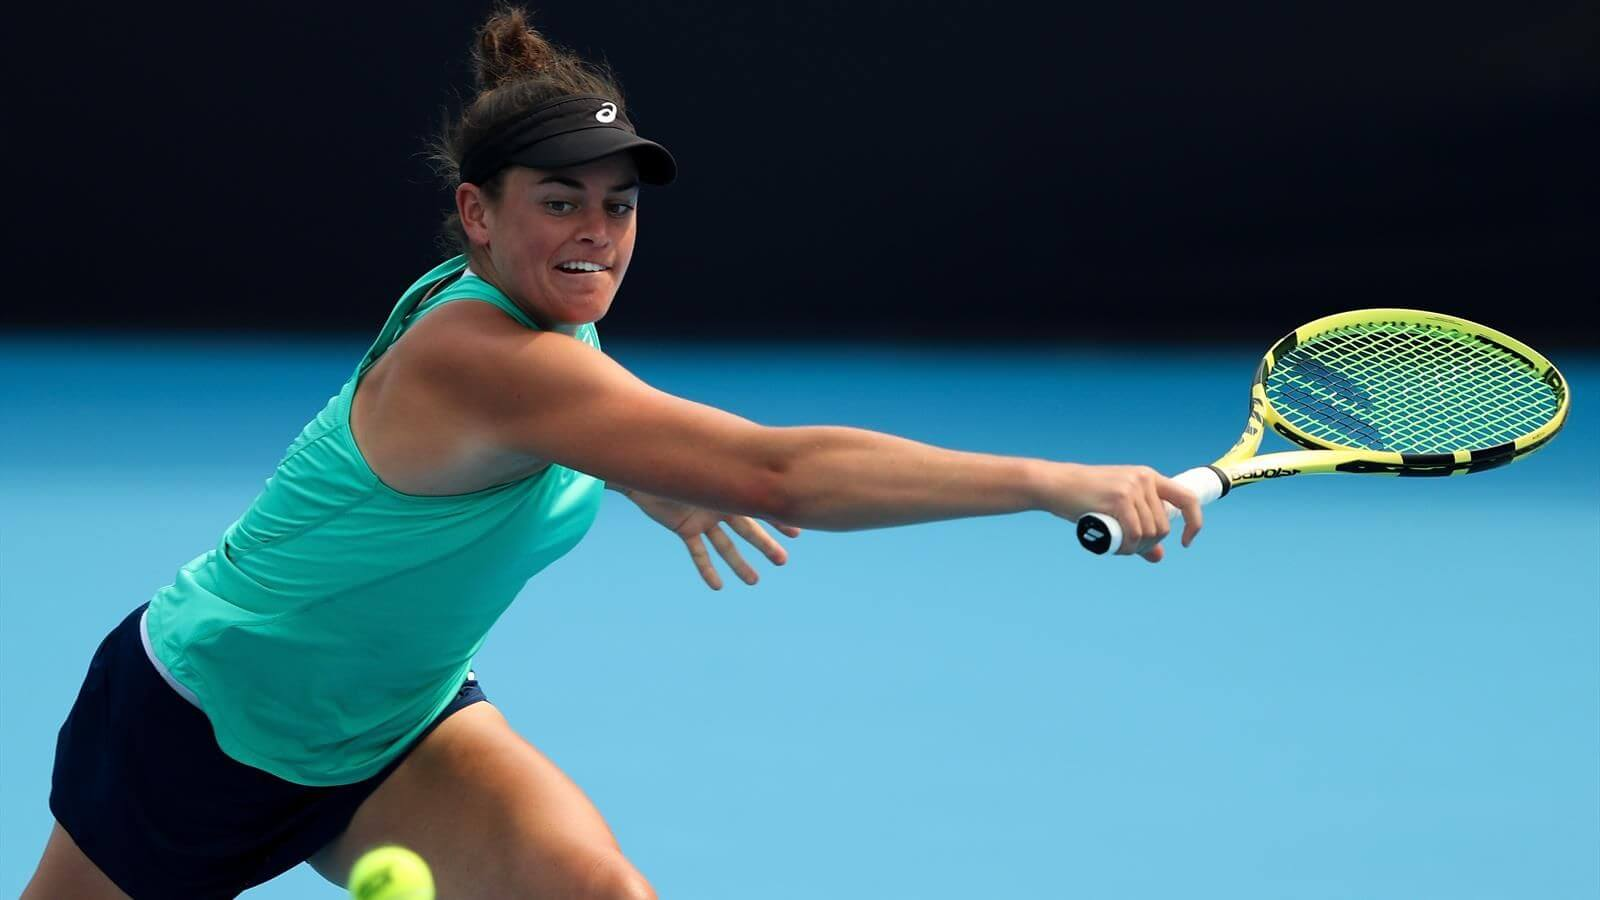 Австралия. WTA. Открытый чемпионат Австралии. Женщины. Финал. Дженнифер Брэди — Наоми Осака. 20.02.2021 г